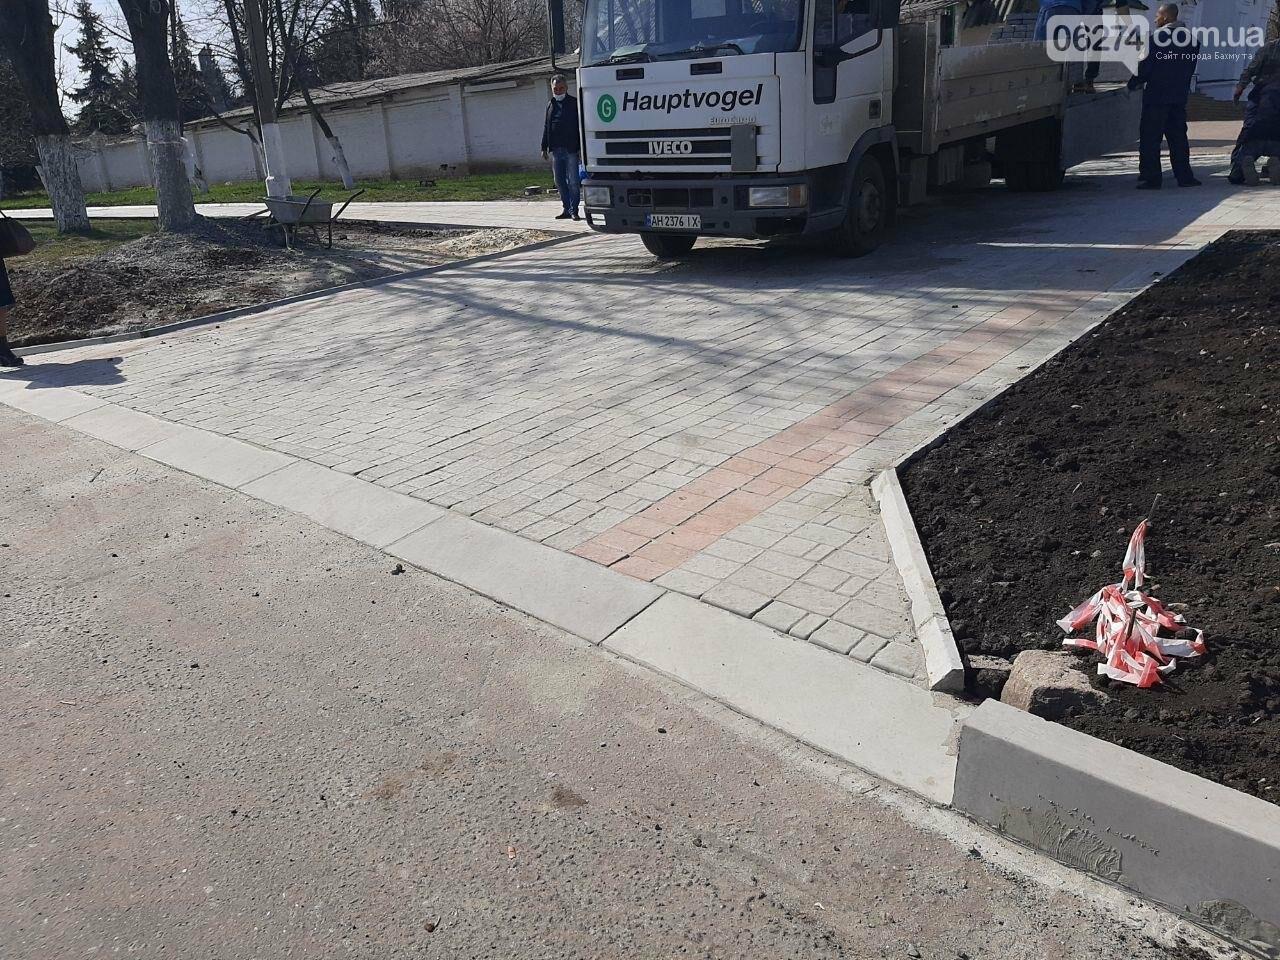 В Бахмуте продолжается ремонт тротуаров, фото-3